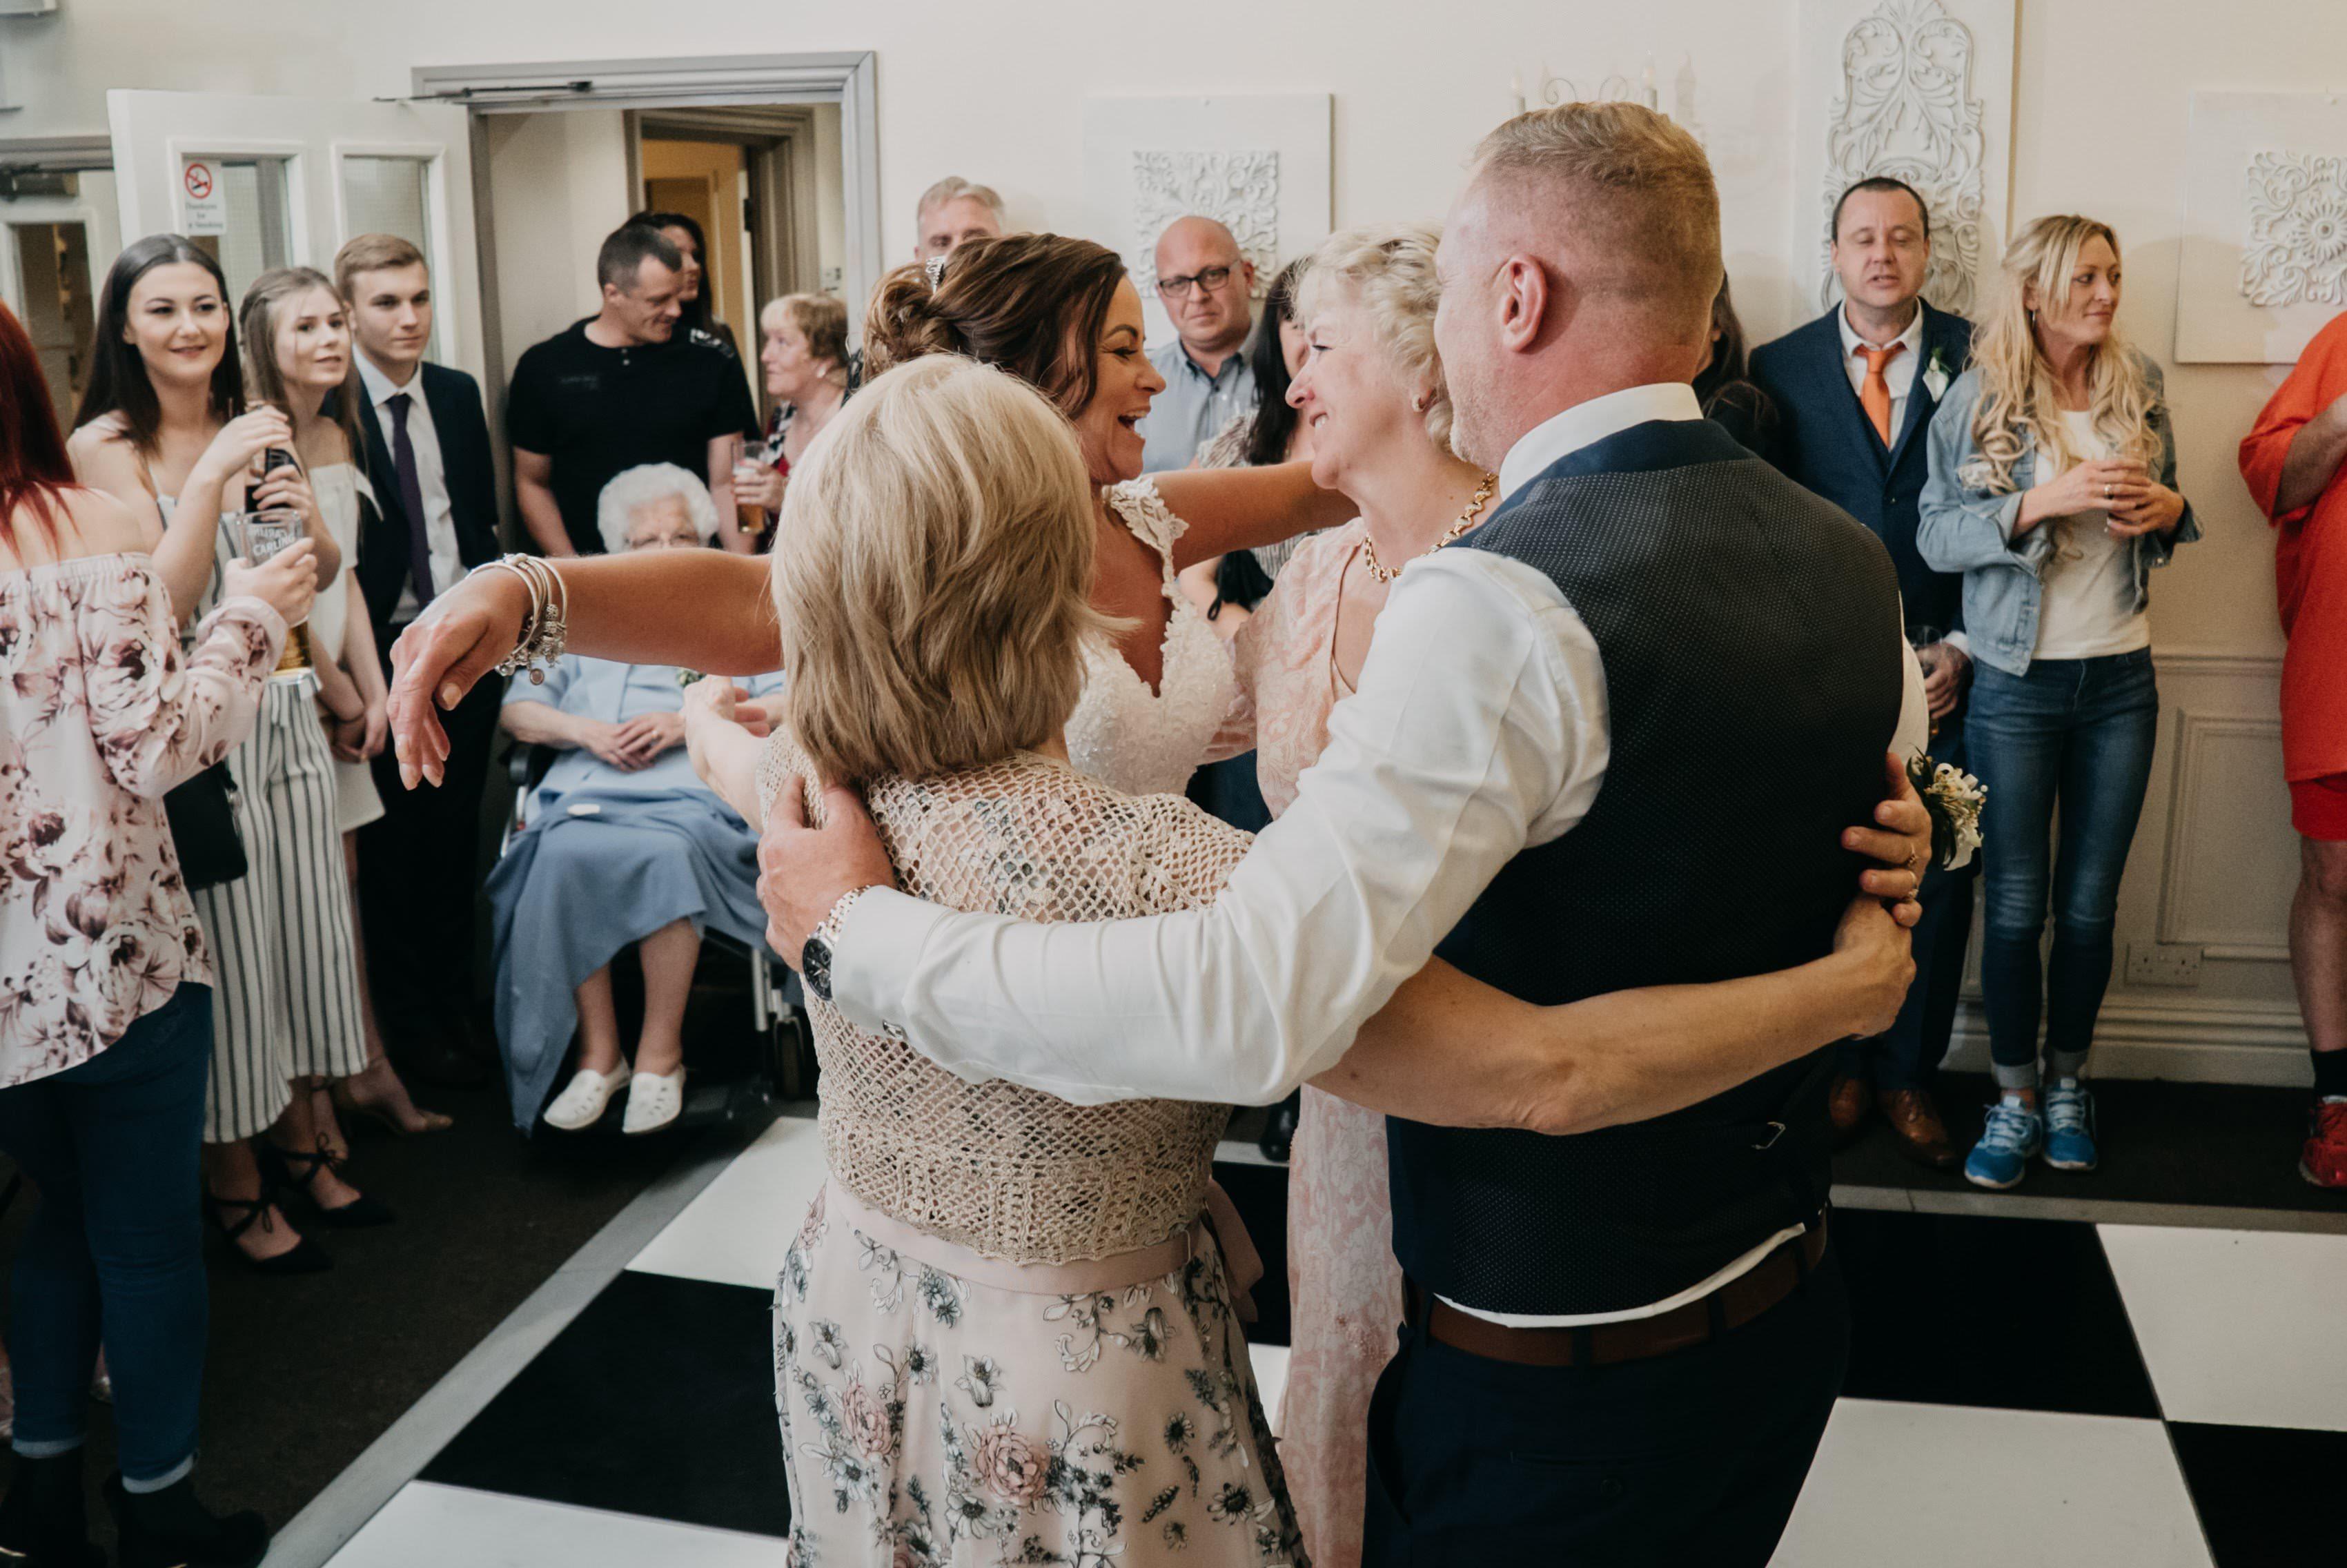 Dimple Well Lodge Wedding | Rachel & Tony 26